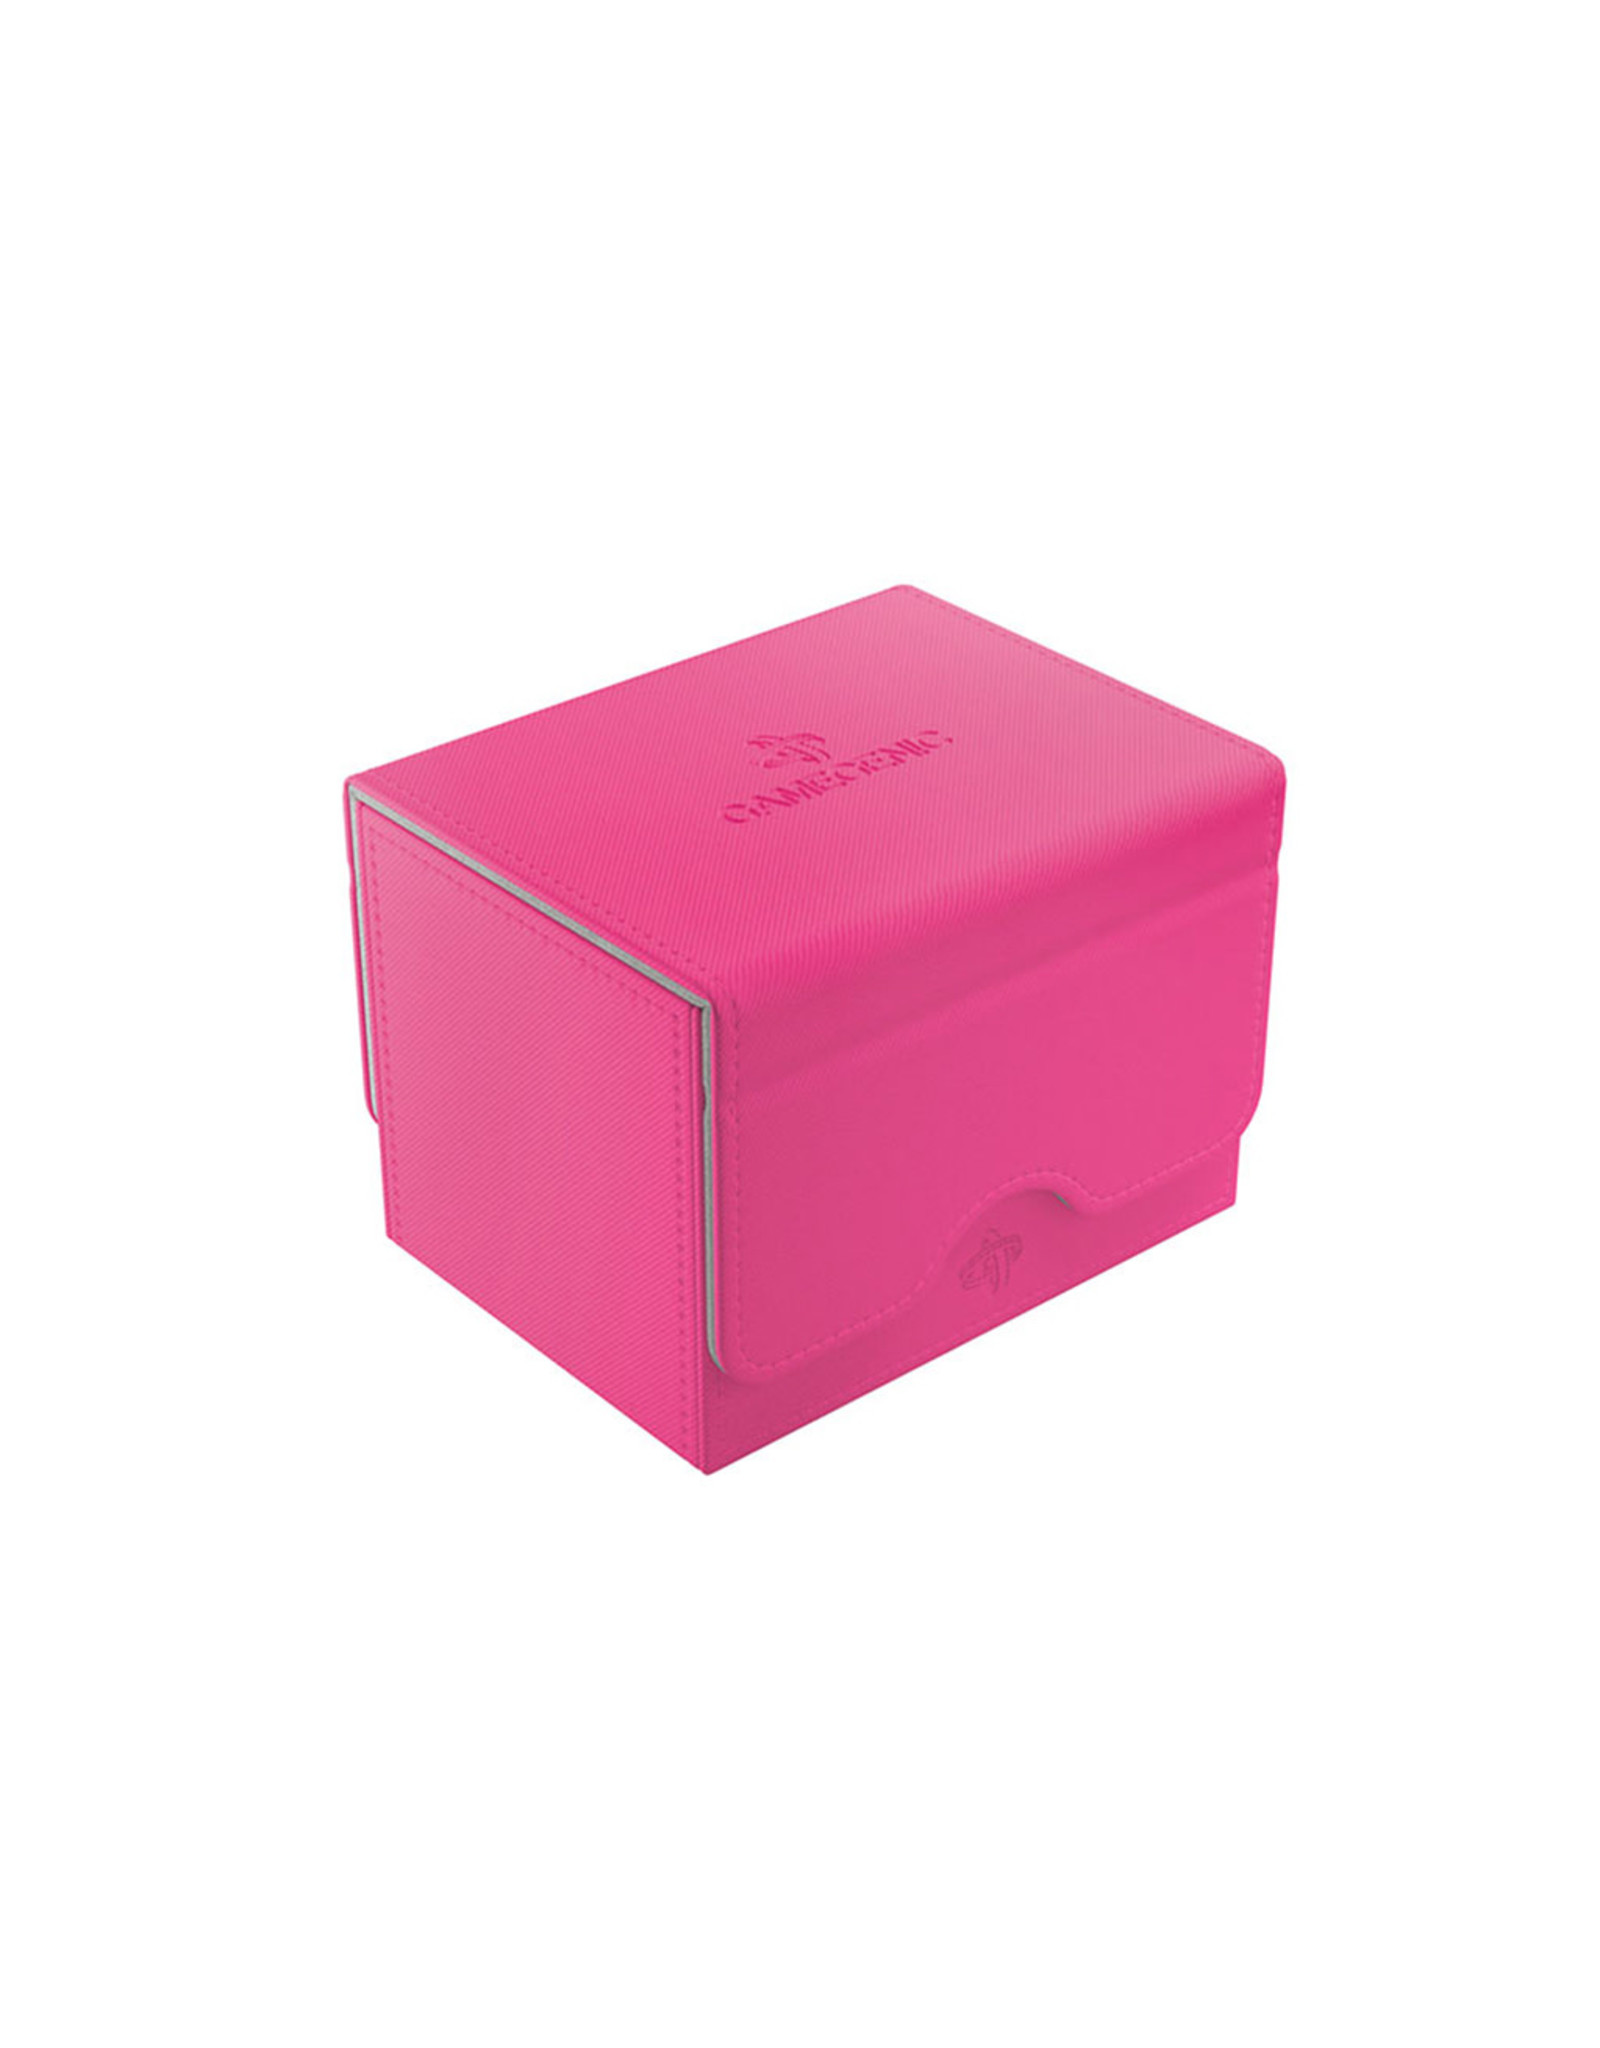 Gamegenic Sidekick Deck Box 100+ Pink